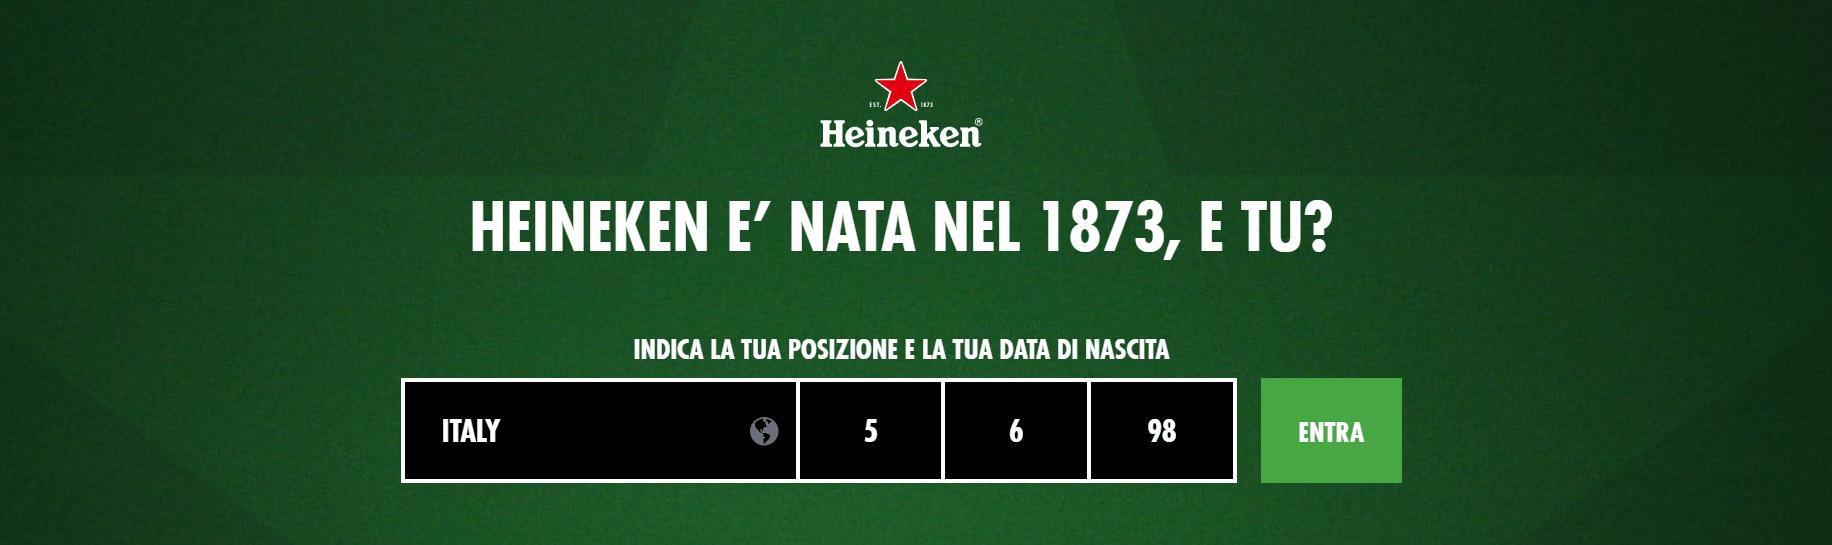 Sito Heineken